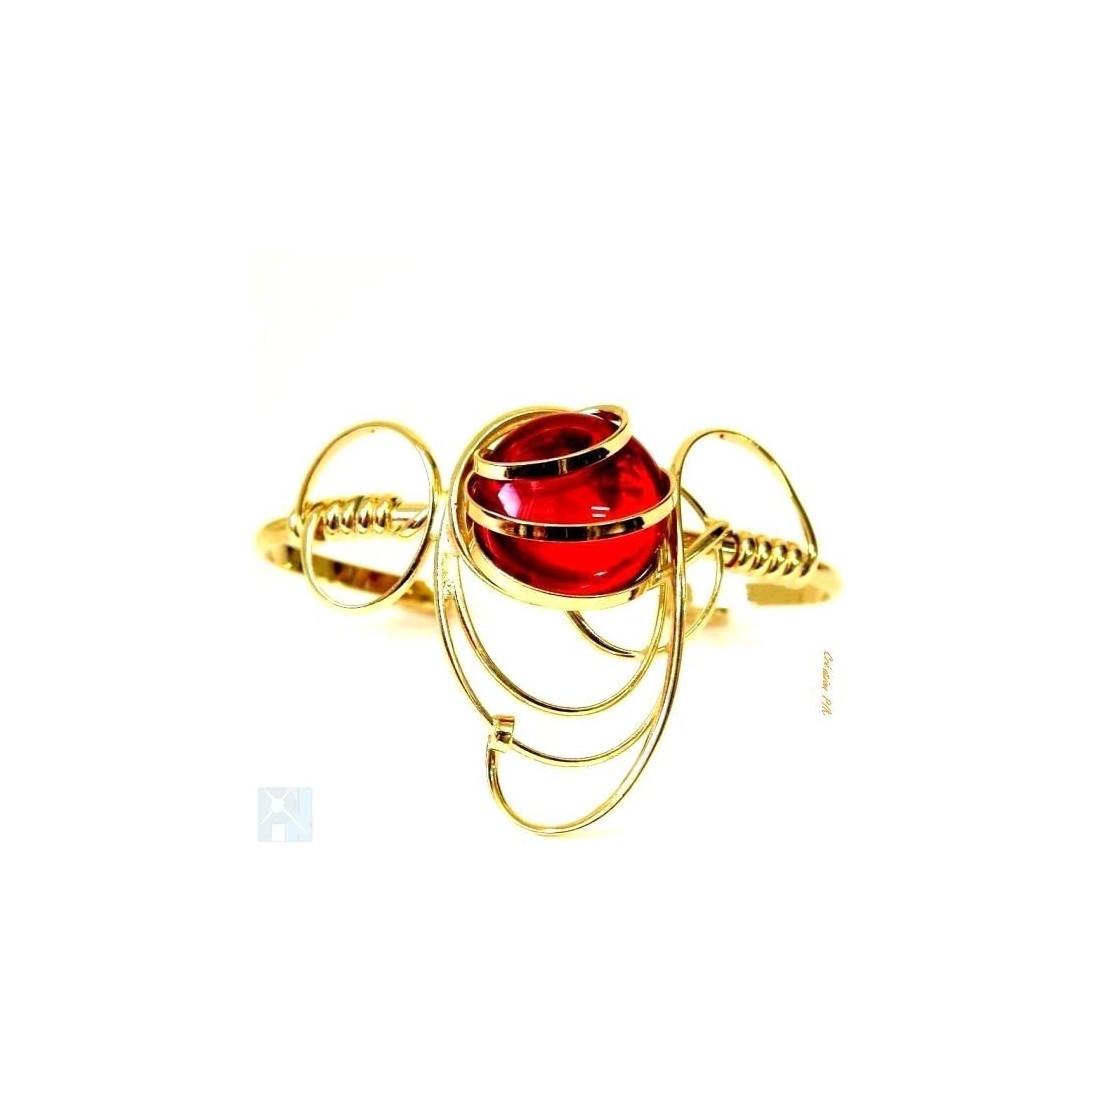 Bracelet doré de créateur avec une pierre rouge rubis. Offrez un bijou unique et fait main.